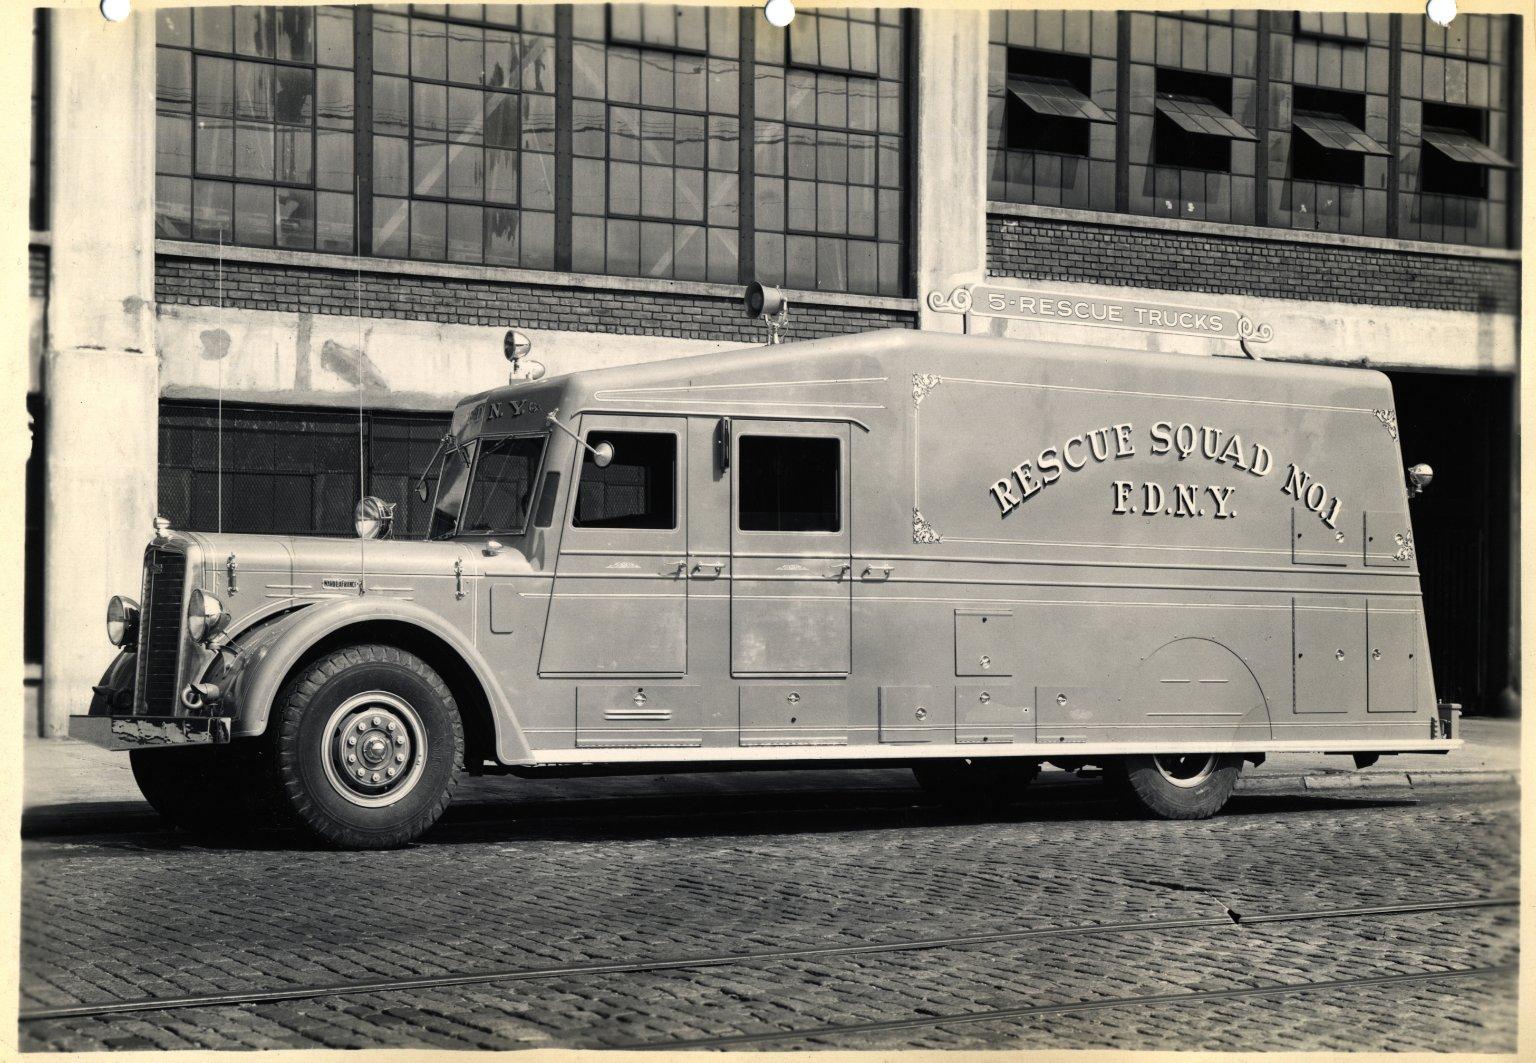 Автомобиль спасательной службы. Нью-Йорк, США. 1950-е